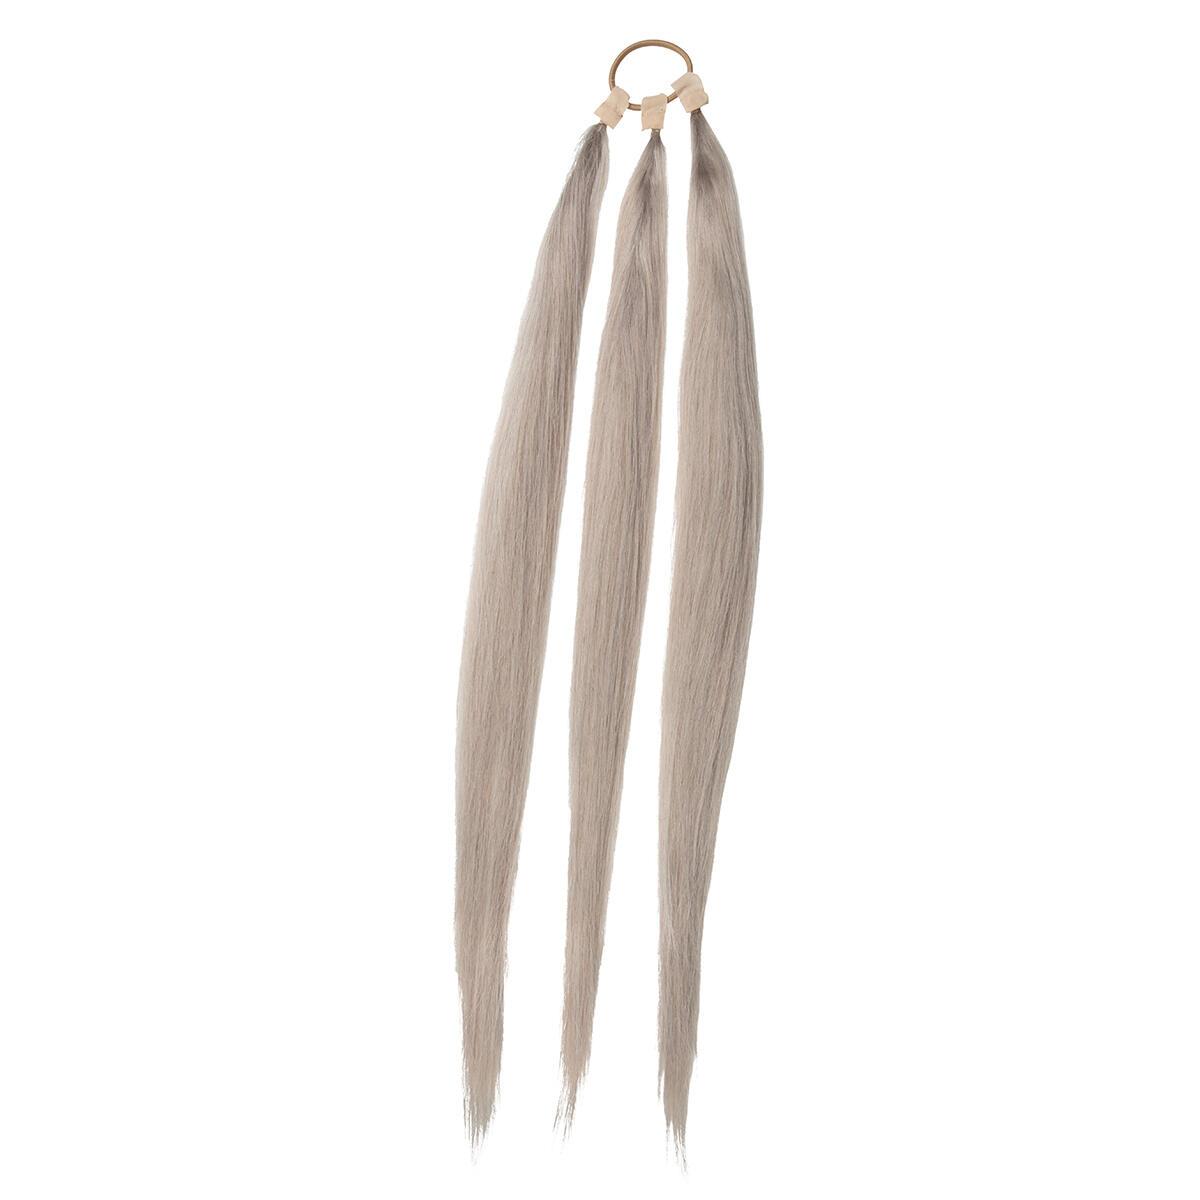 Easy Braid Original 10.5 Grey 55 cm